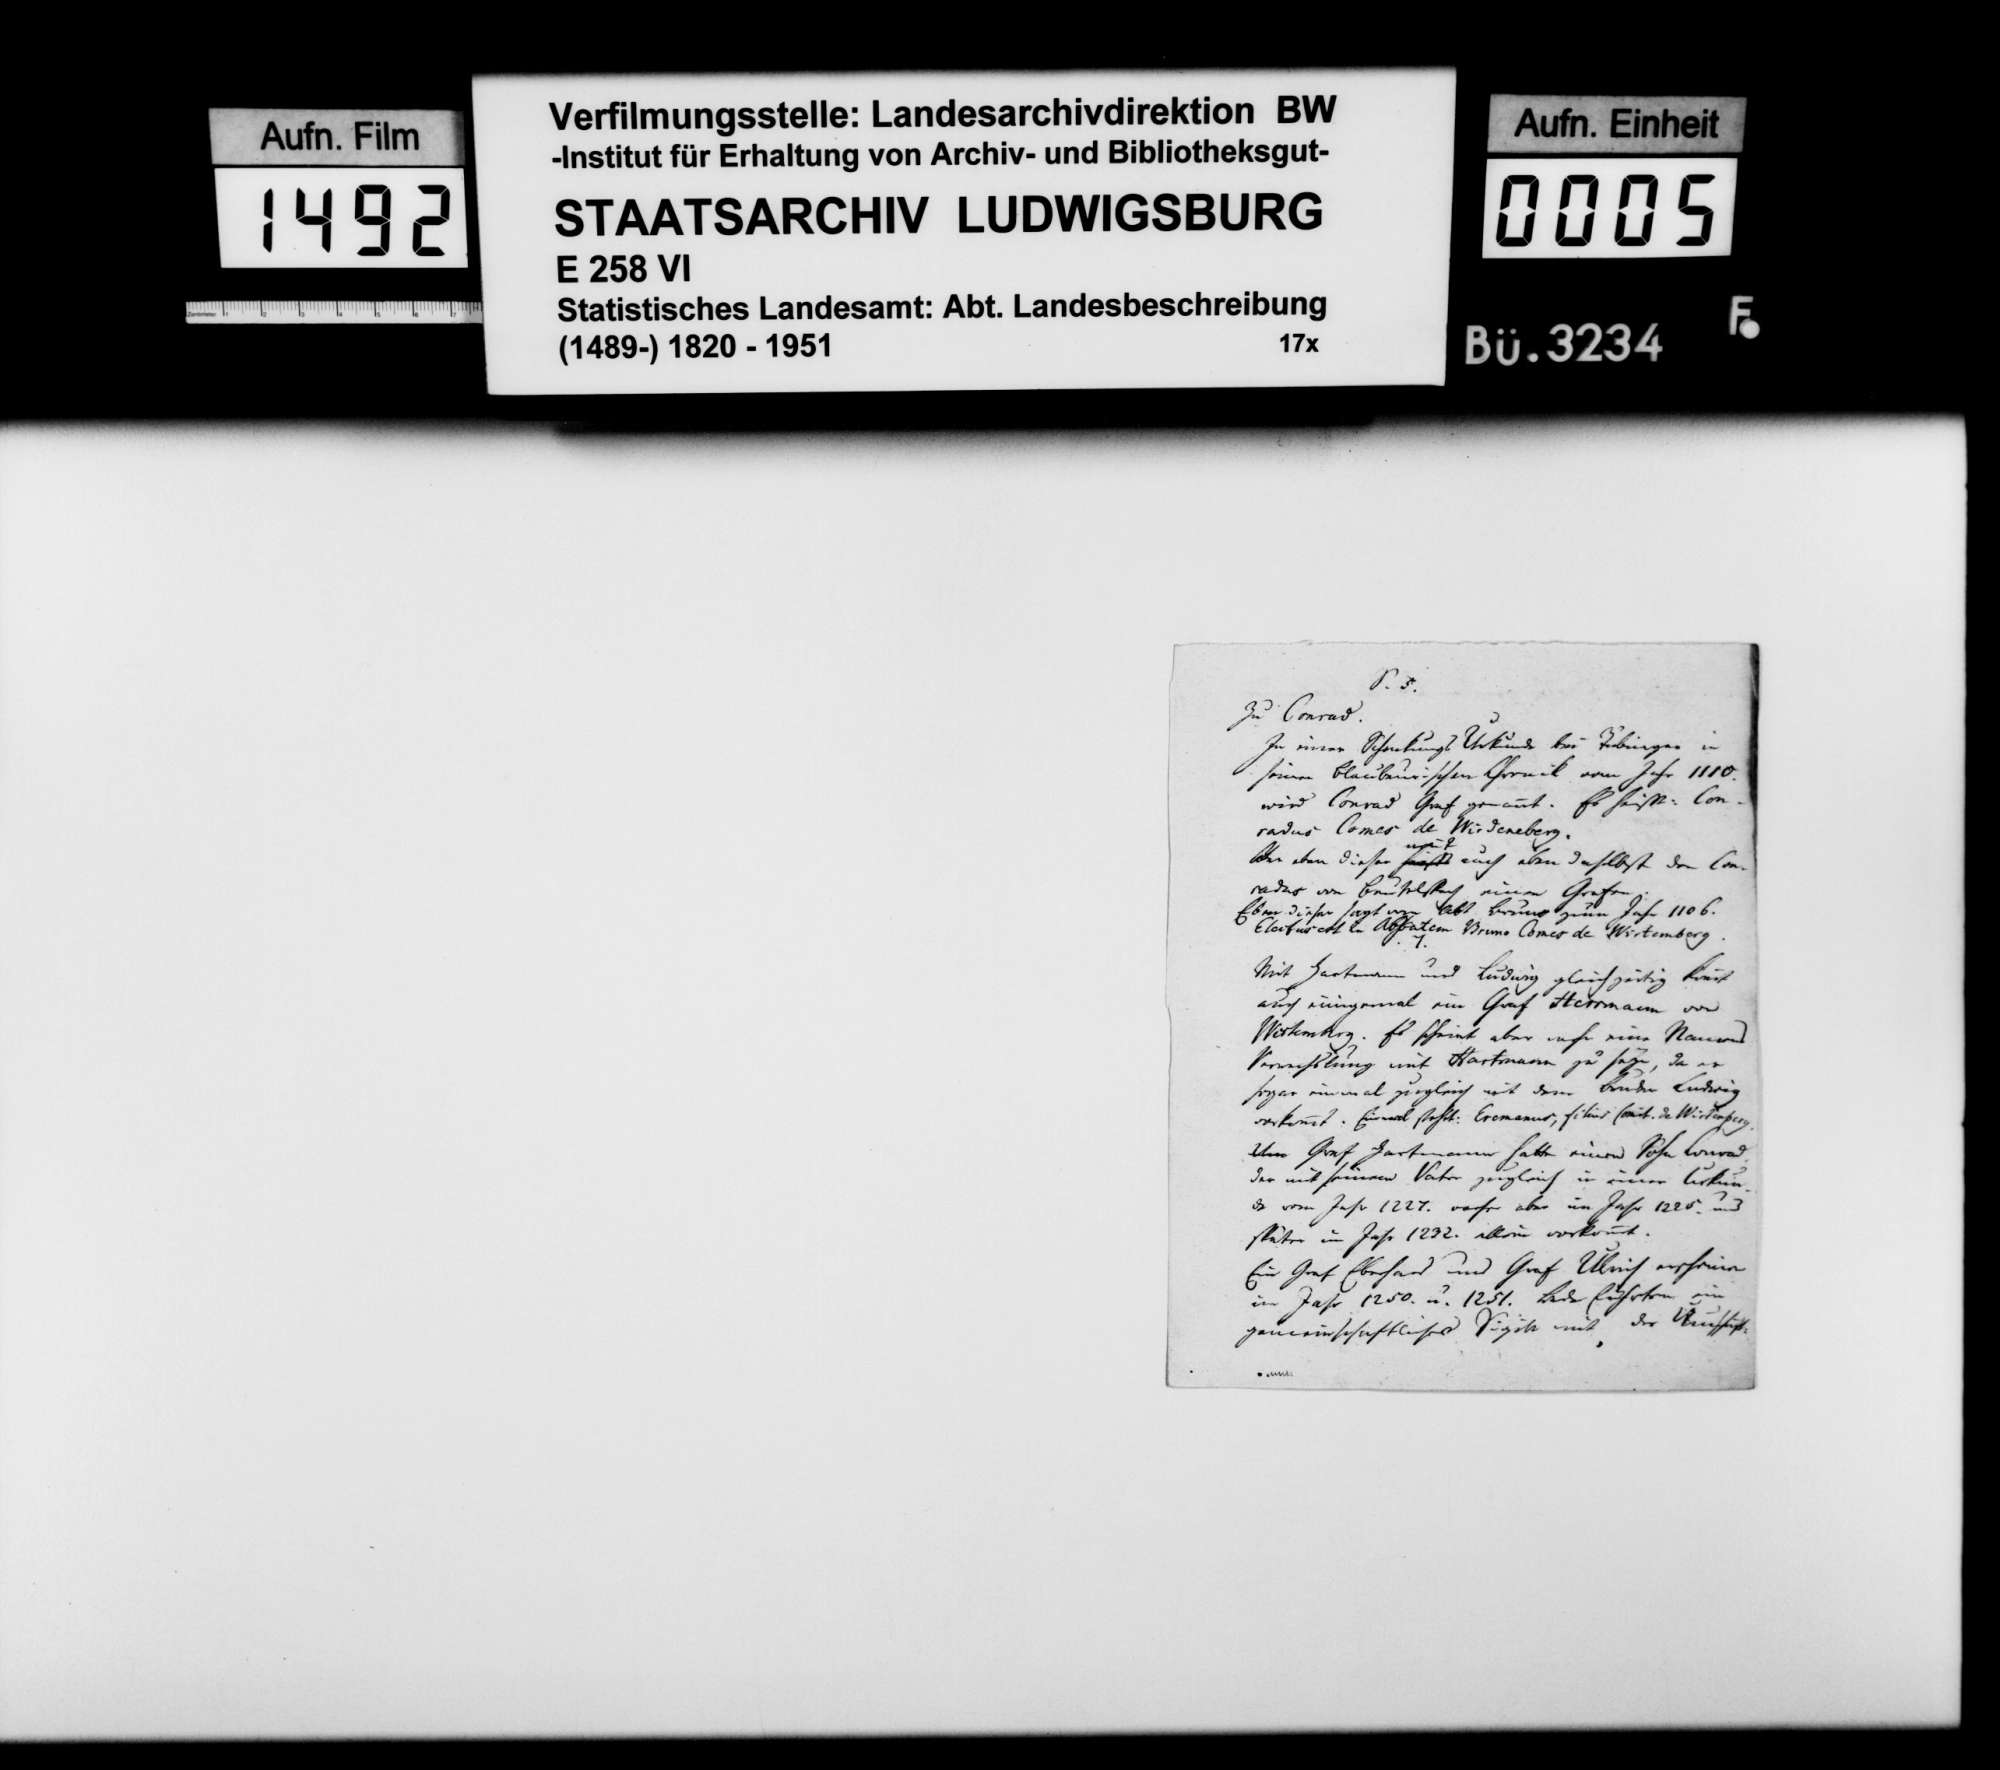 Historisches Material zum und aus dem Kloster Heiligkreuztal, zu den Grafen von Achalm, zu den Grafen von Württemberg-Grüningen-Landau und weiteres, Bild 2